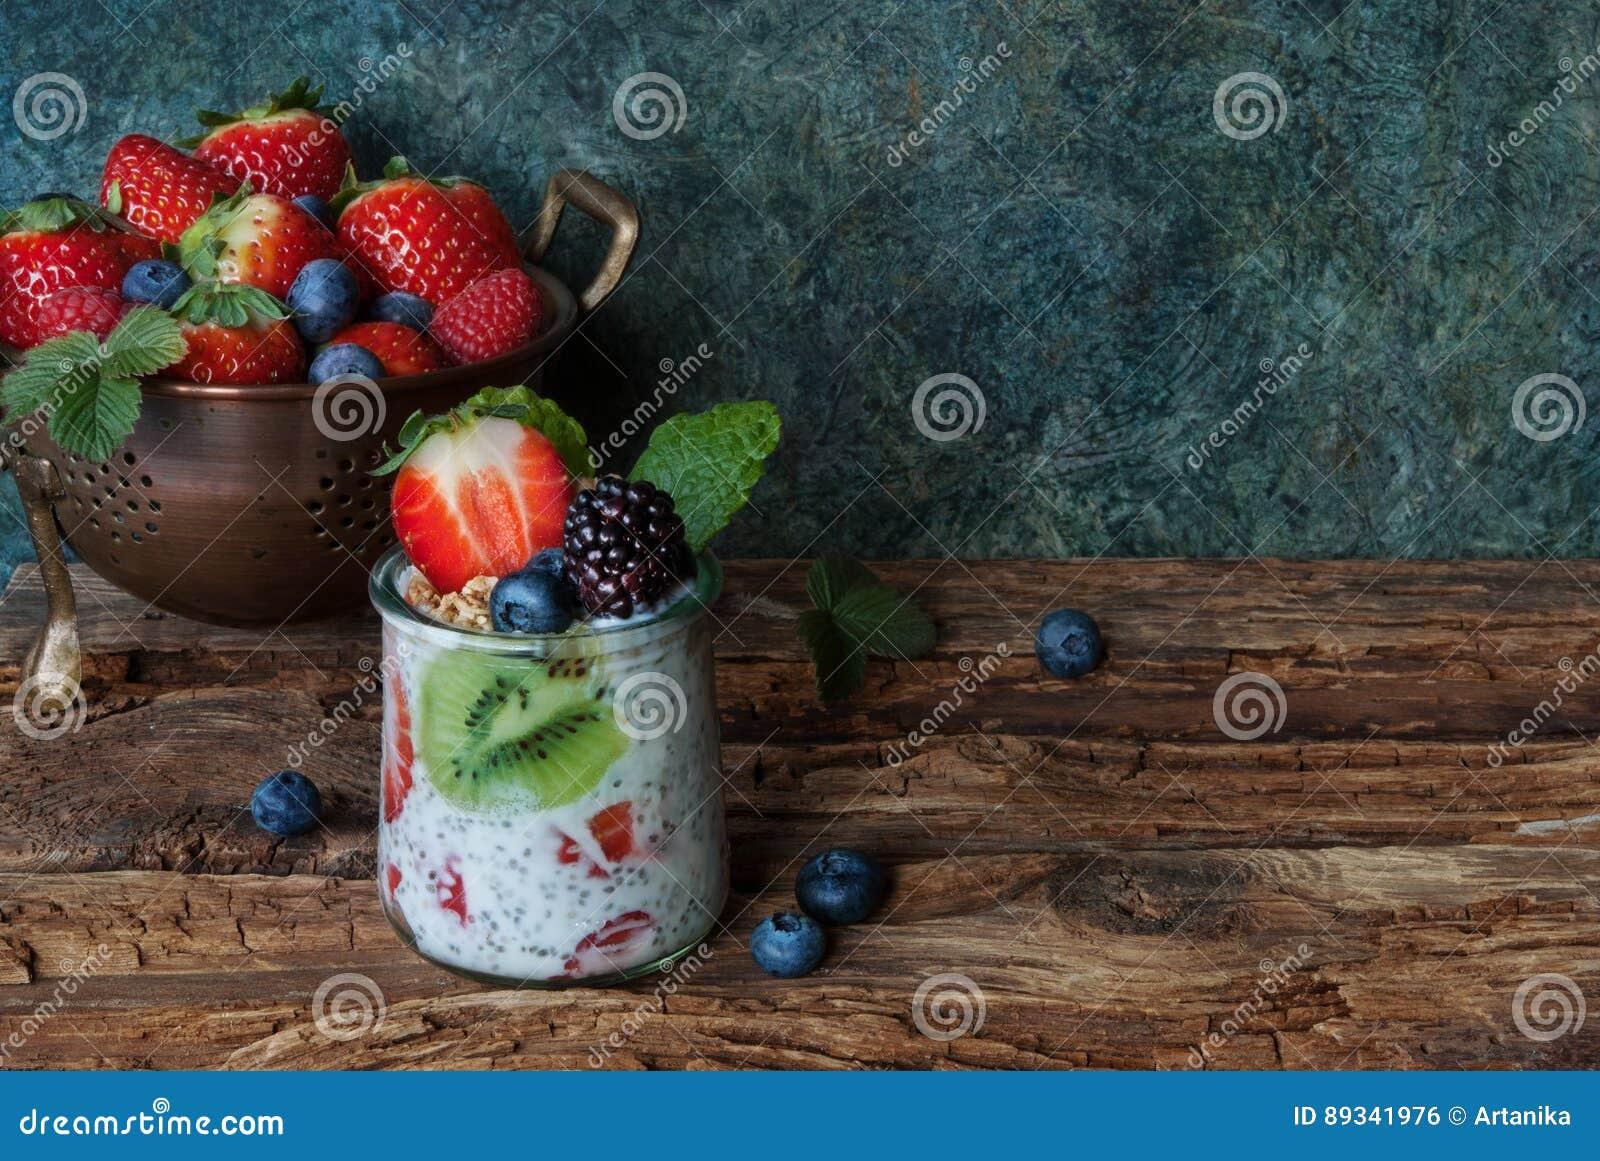 Fresh berries and yogurt